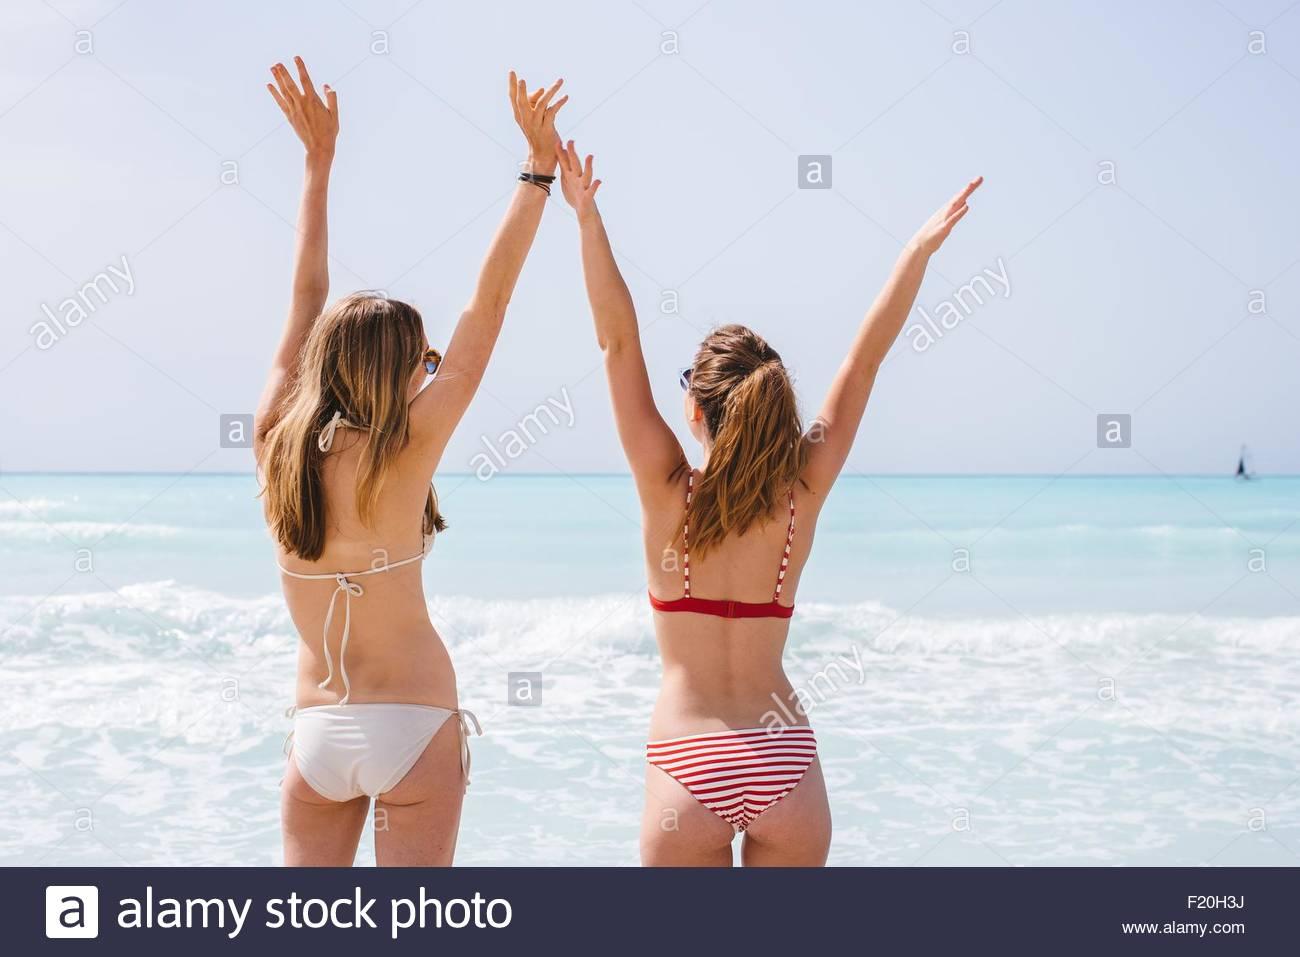 Vista trasera de dos amigas jóvenes luciendo bikinis con los brazos levantados en la playa Imagen De Stock